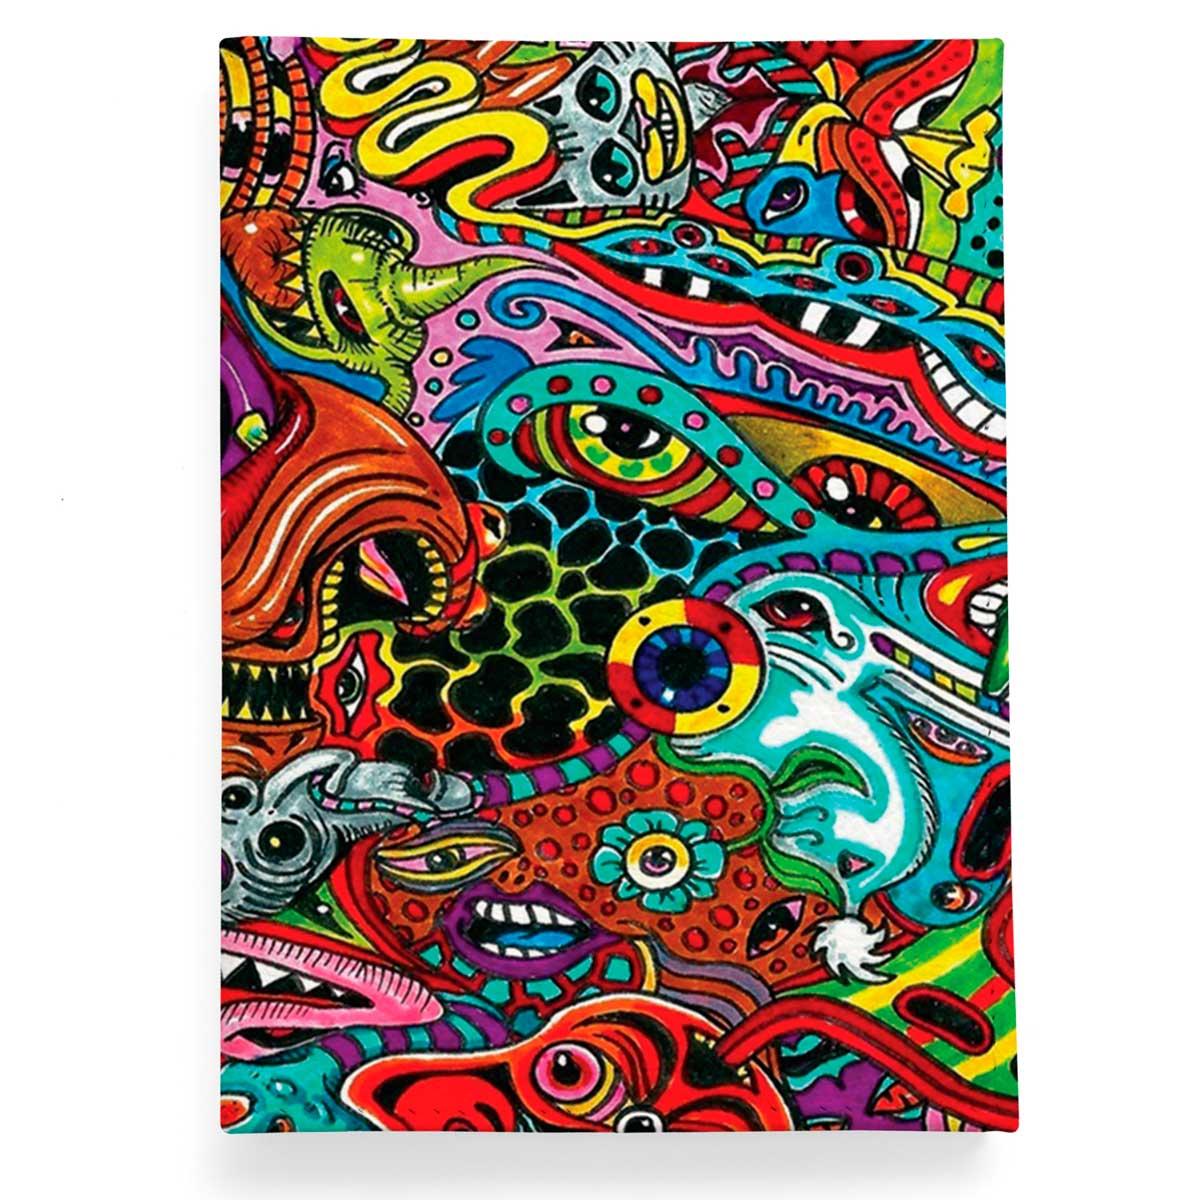 f81b1f3db65b Кожаная обложка для паспорта New Graffiti купить в интернет магазине ...